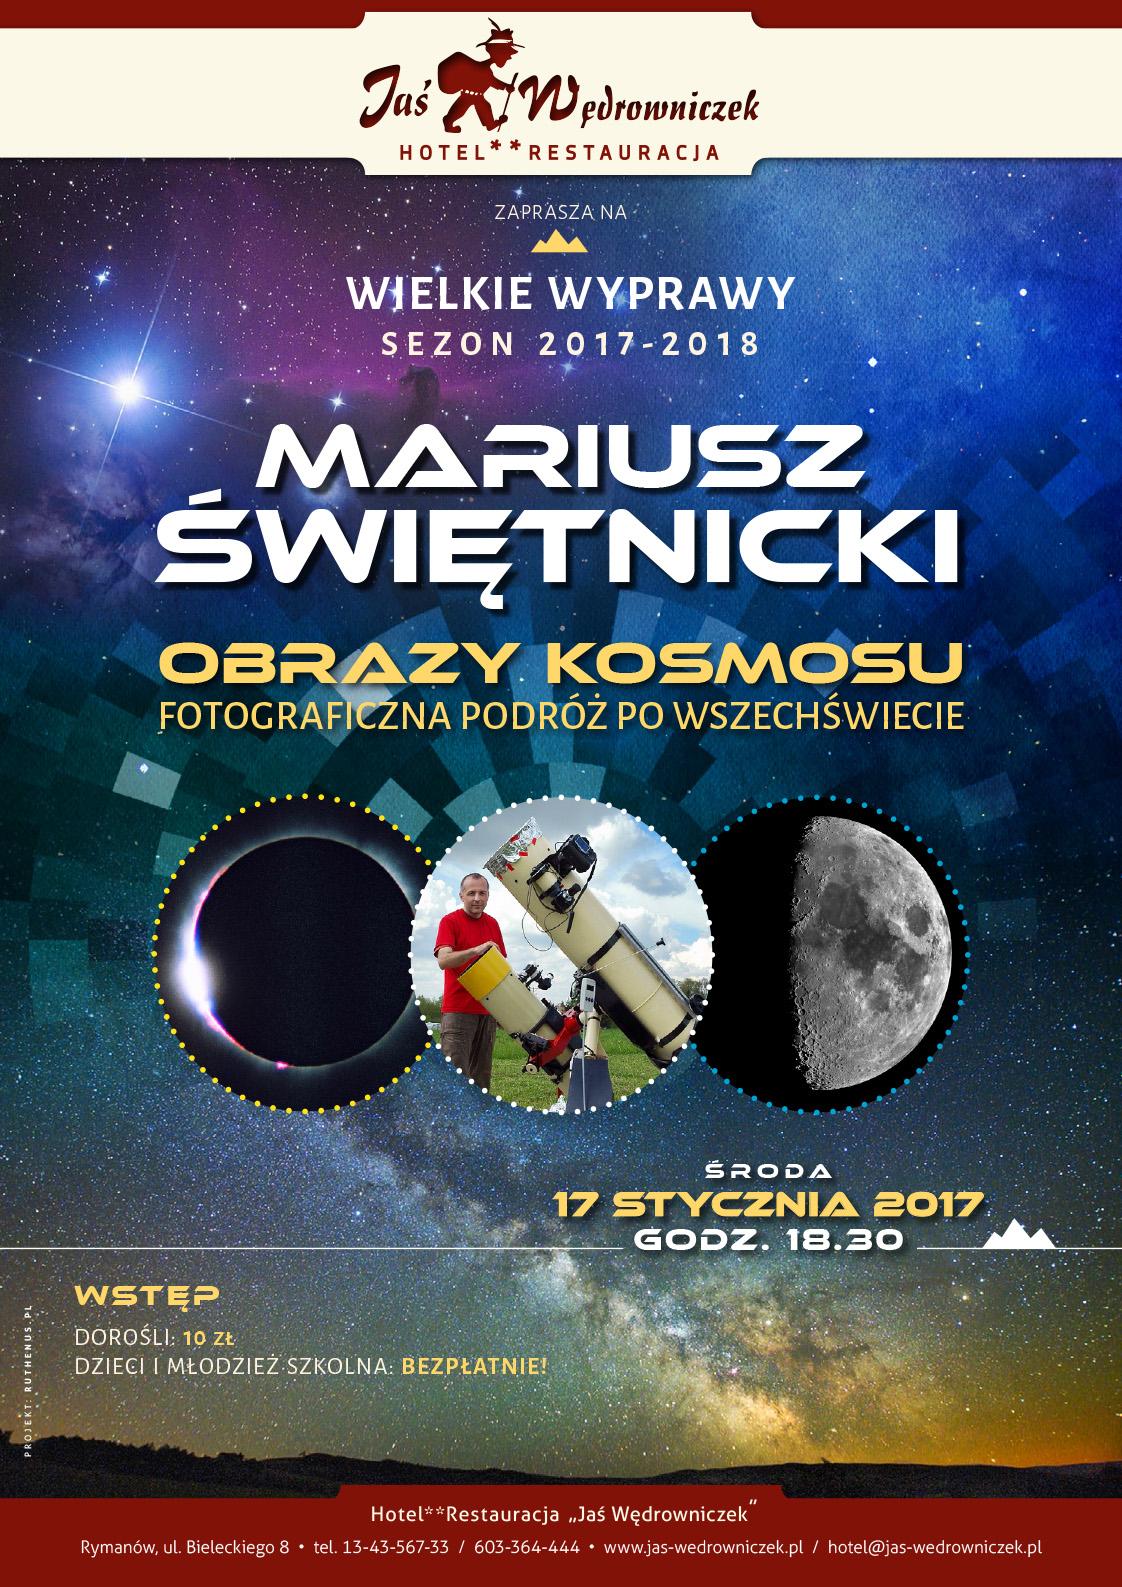 jas-wielkie-wyprawy-mariusz-swietnicki_plakat-a3_prev-171219-1